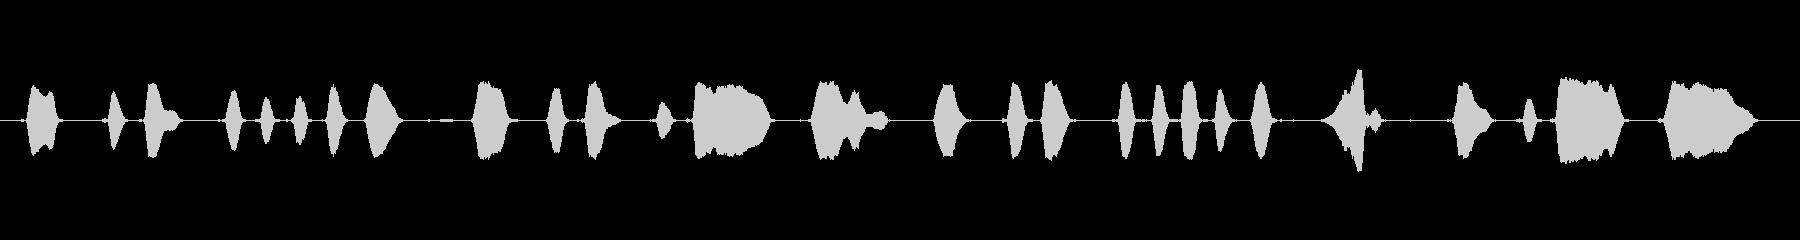 ミュージカルチューン:「ポップゴー...の未再生の波形